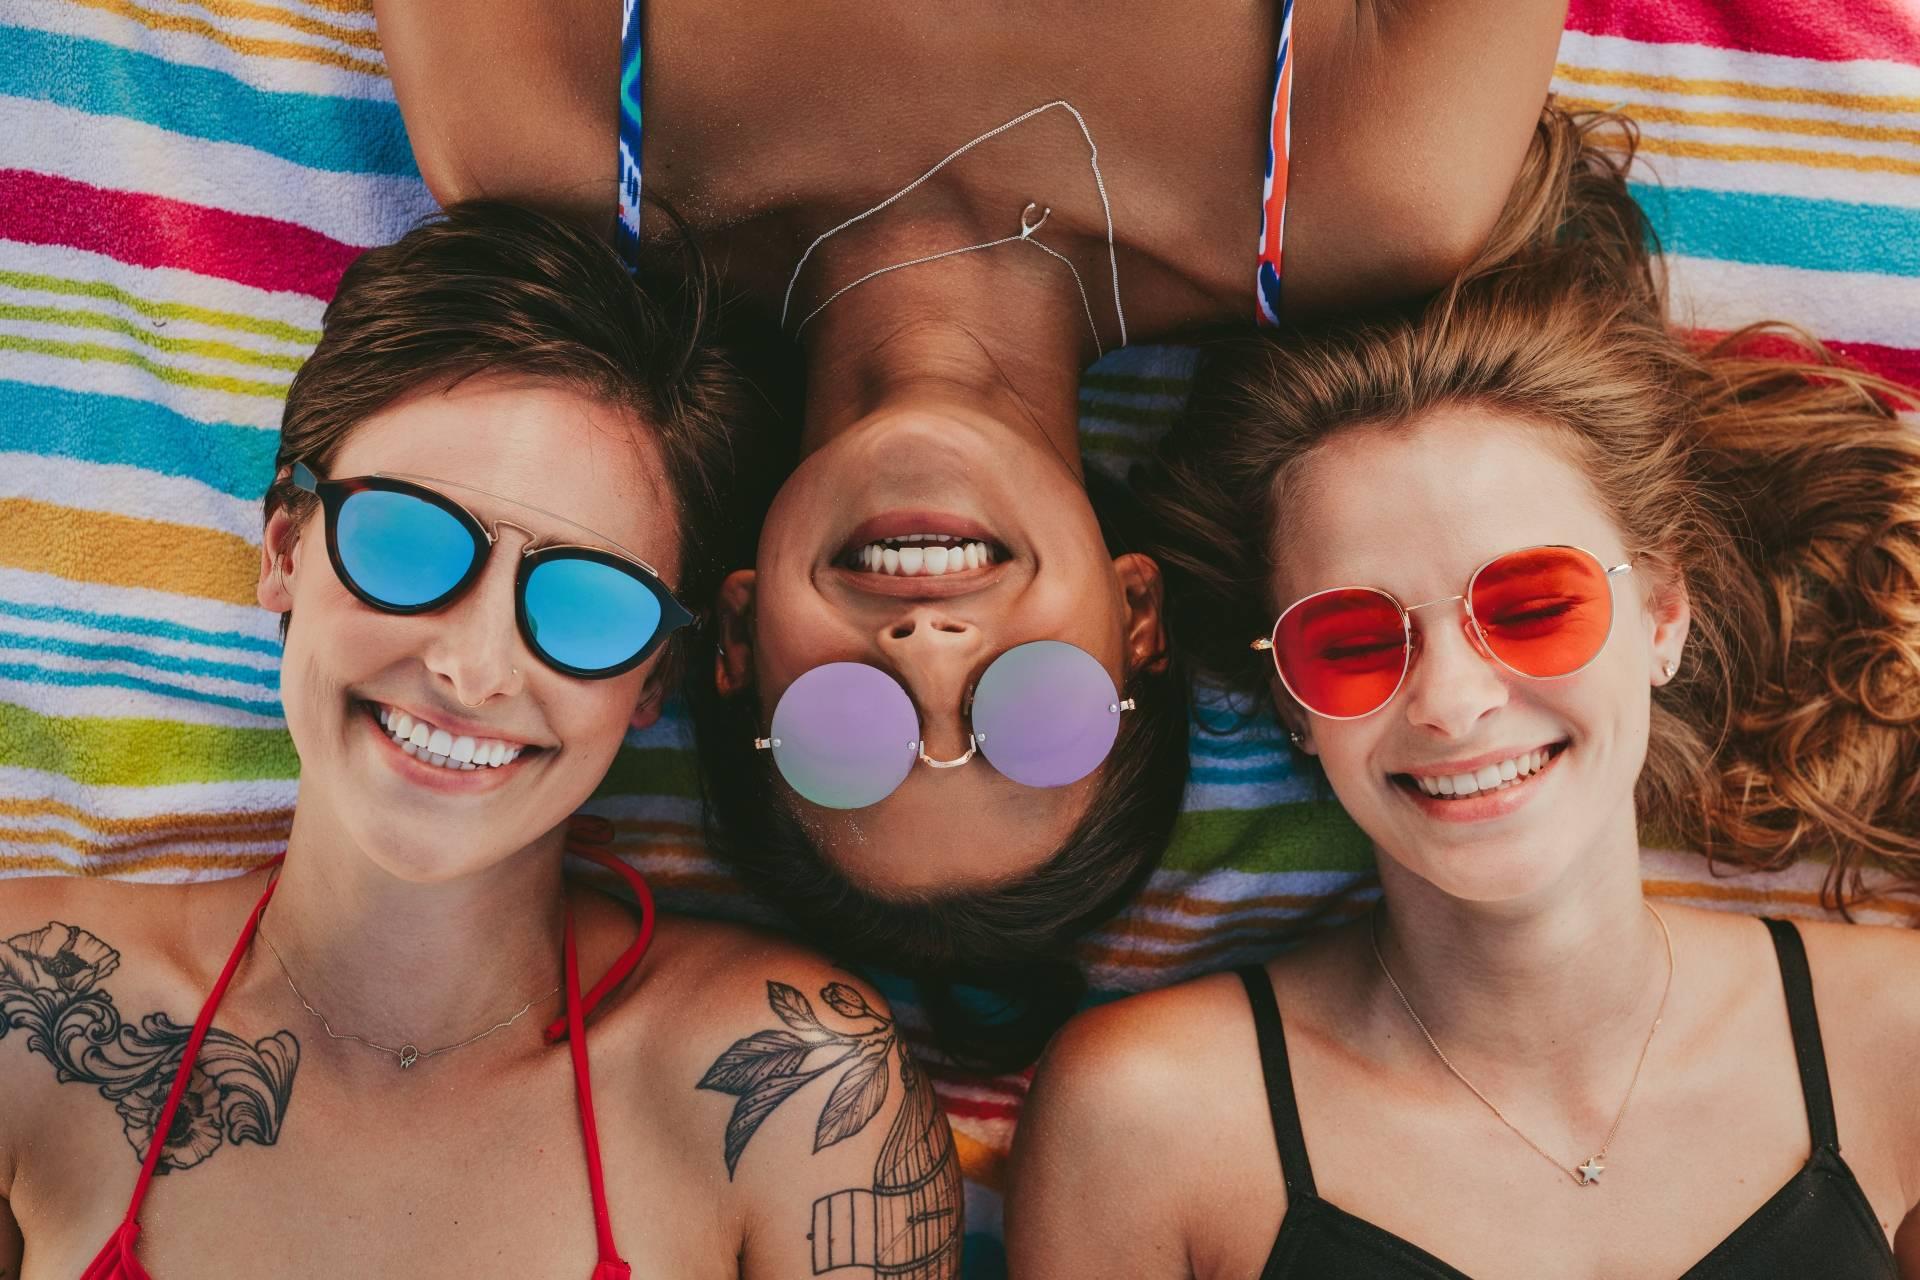 Jak się bezpiecznie opalać przy problemach z cerą? Trzy przyjaciółki w okularach przeciwsłonecznych opalają się na plaży.